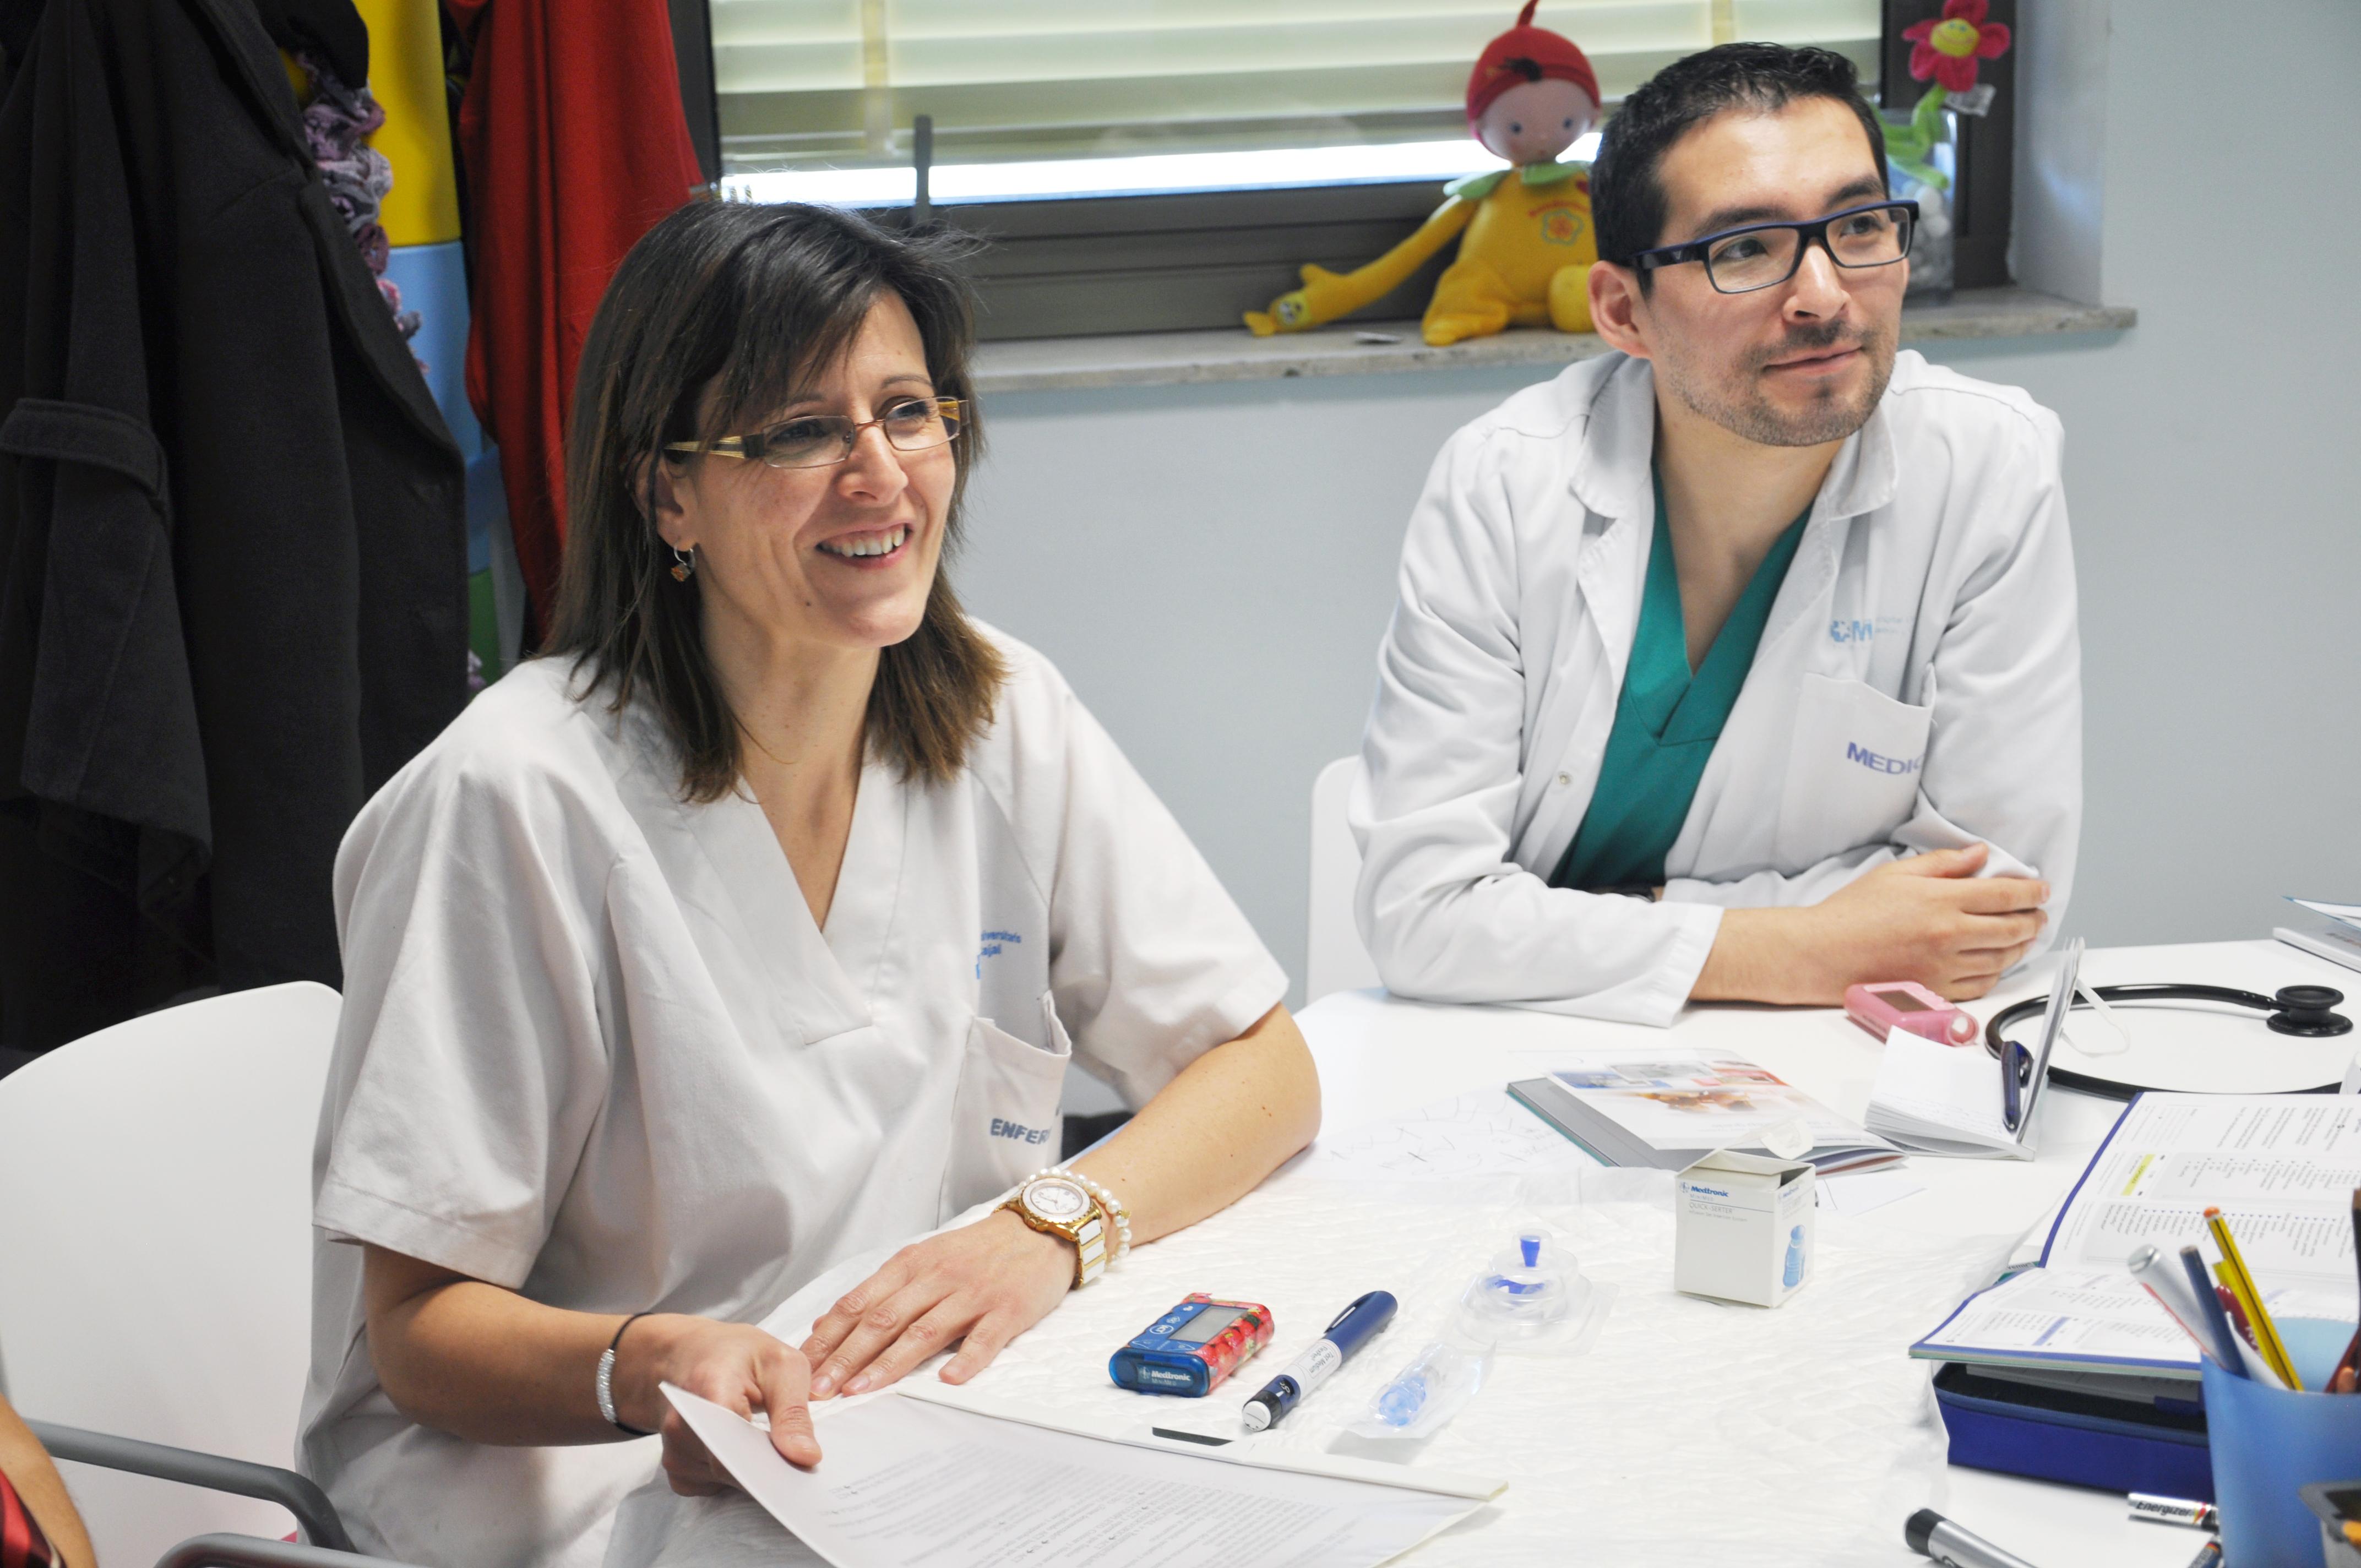 El 41,4% de los pacientes cree que se entiende mal al personal sanitario